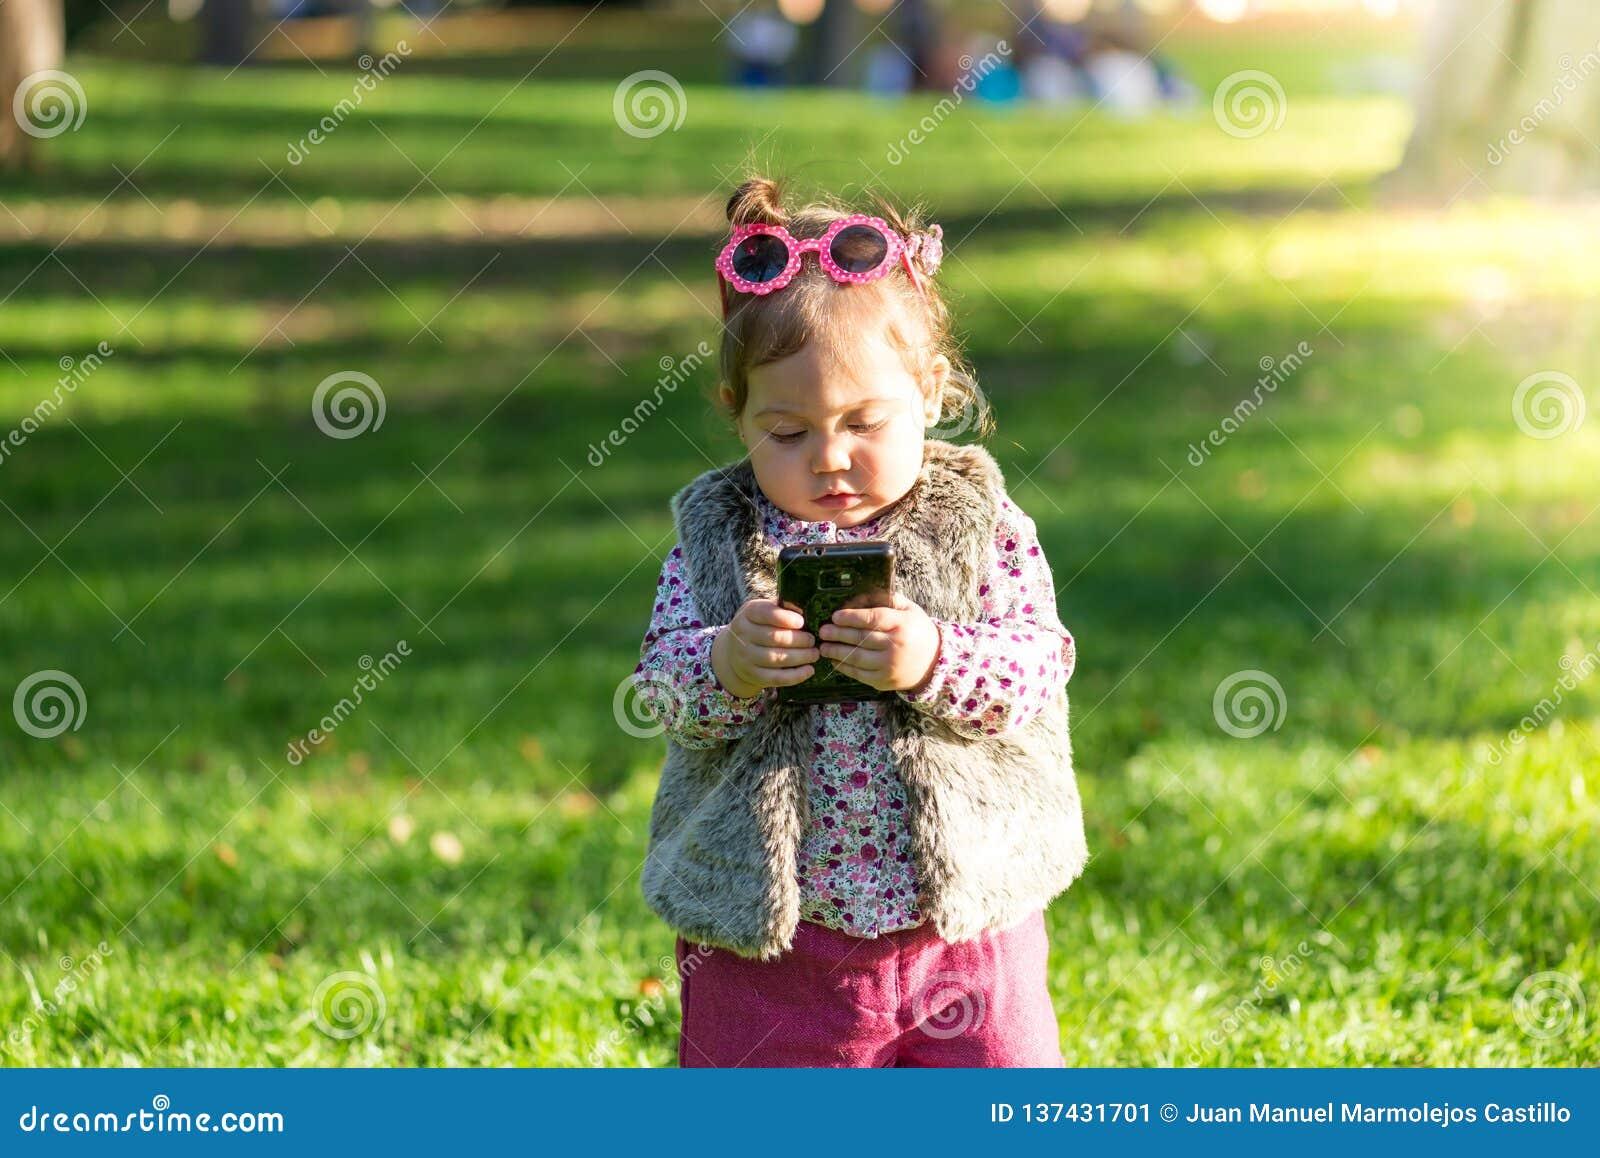 Piękna małe dziecko dziewczyna używa telefon komórkowego outdoors